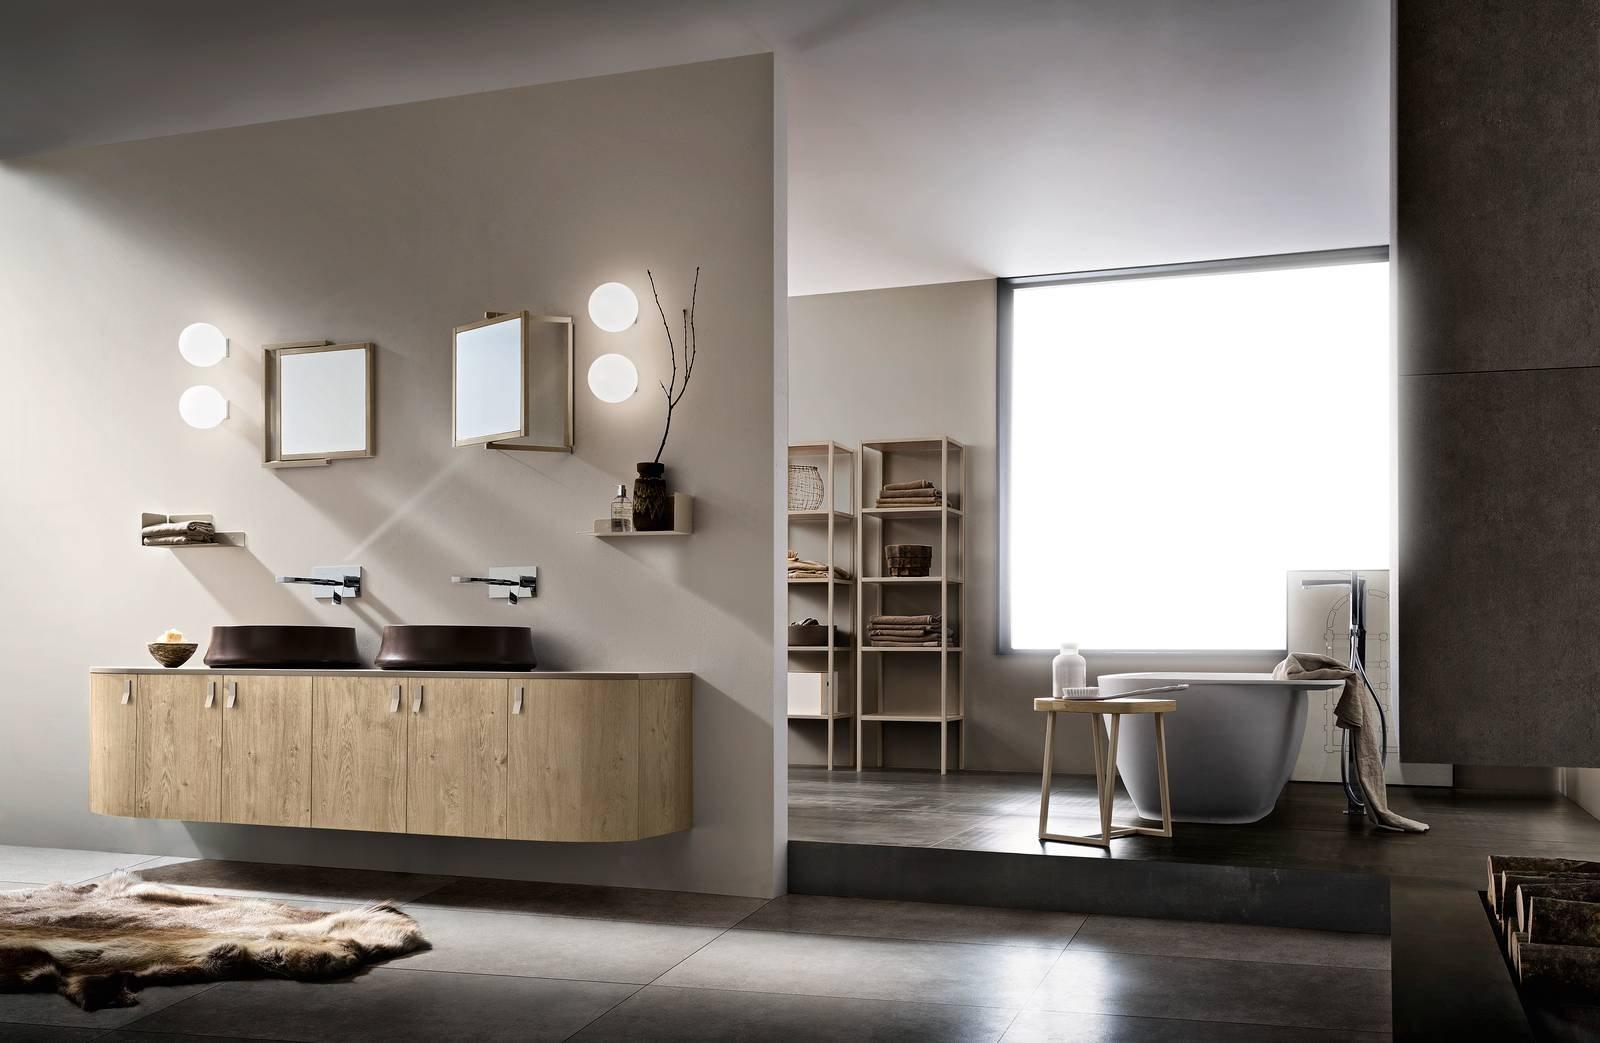 Sar come mi vuoi il bagno secondo cerasa una stanza for Maniglie mobili bagno